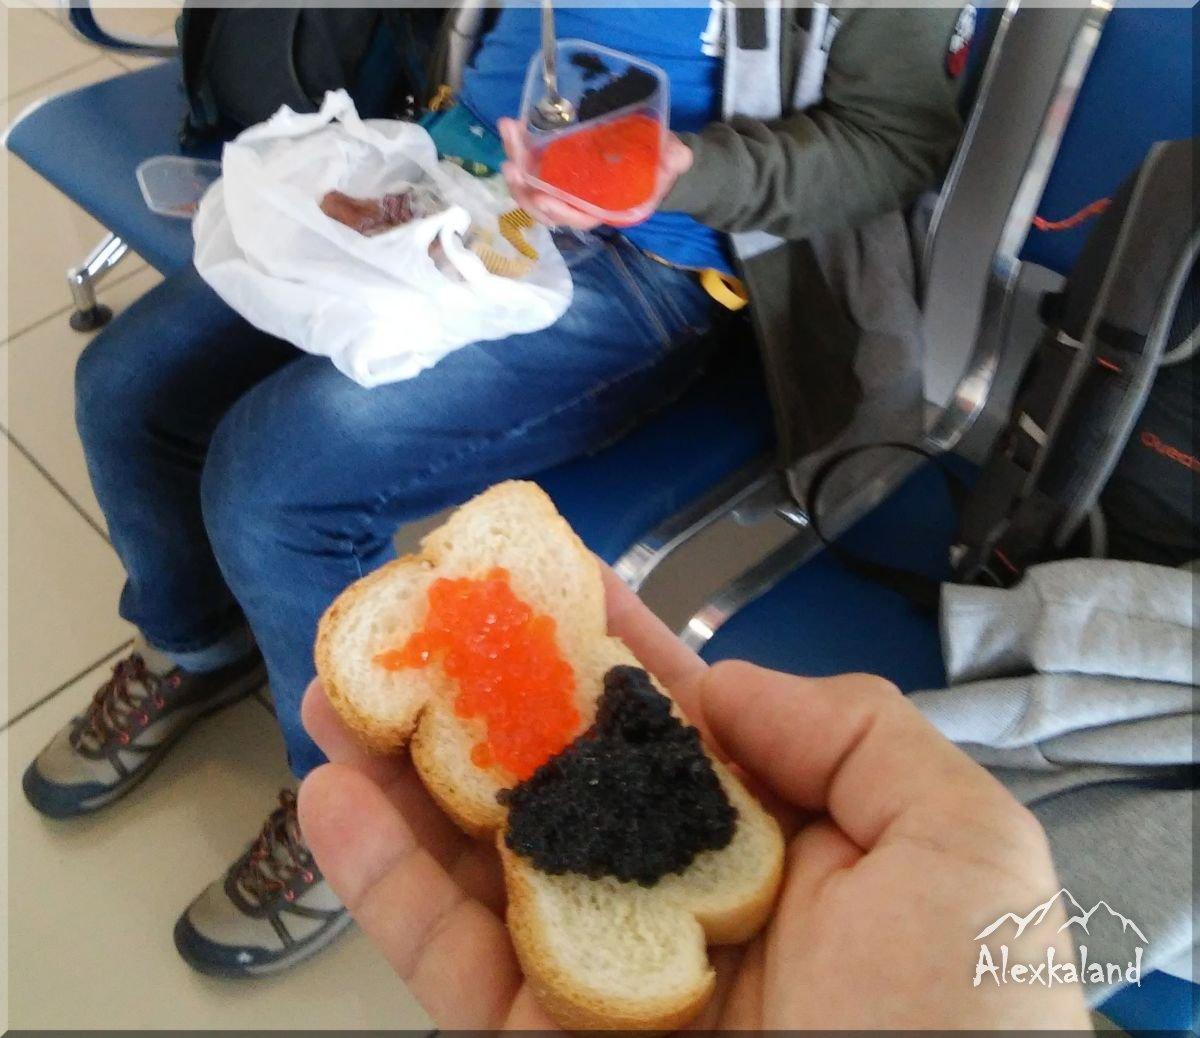 Amíg várakozunk a reptéren, addig minden finomságot meg kell enni, nehogy bármi is elromoljon! Főleg a kaviárt nem dobjuk ki